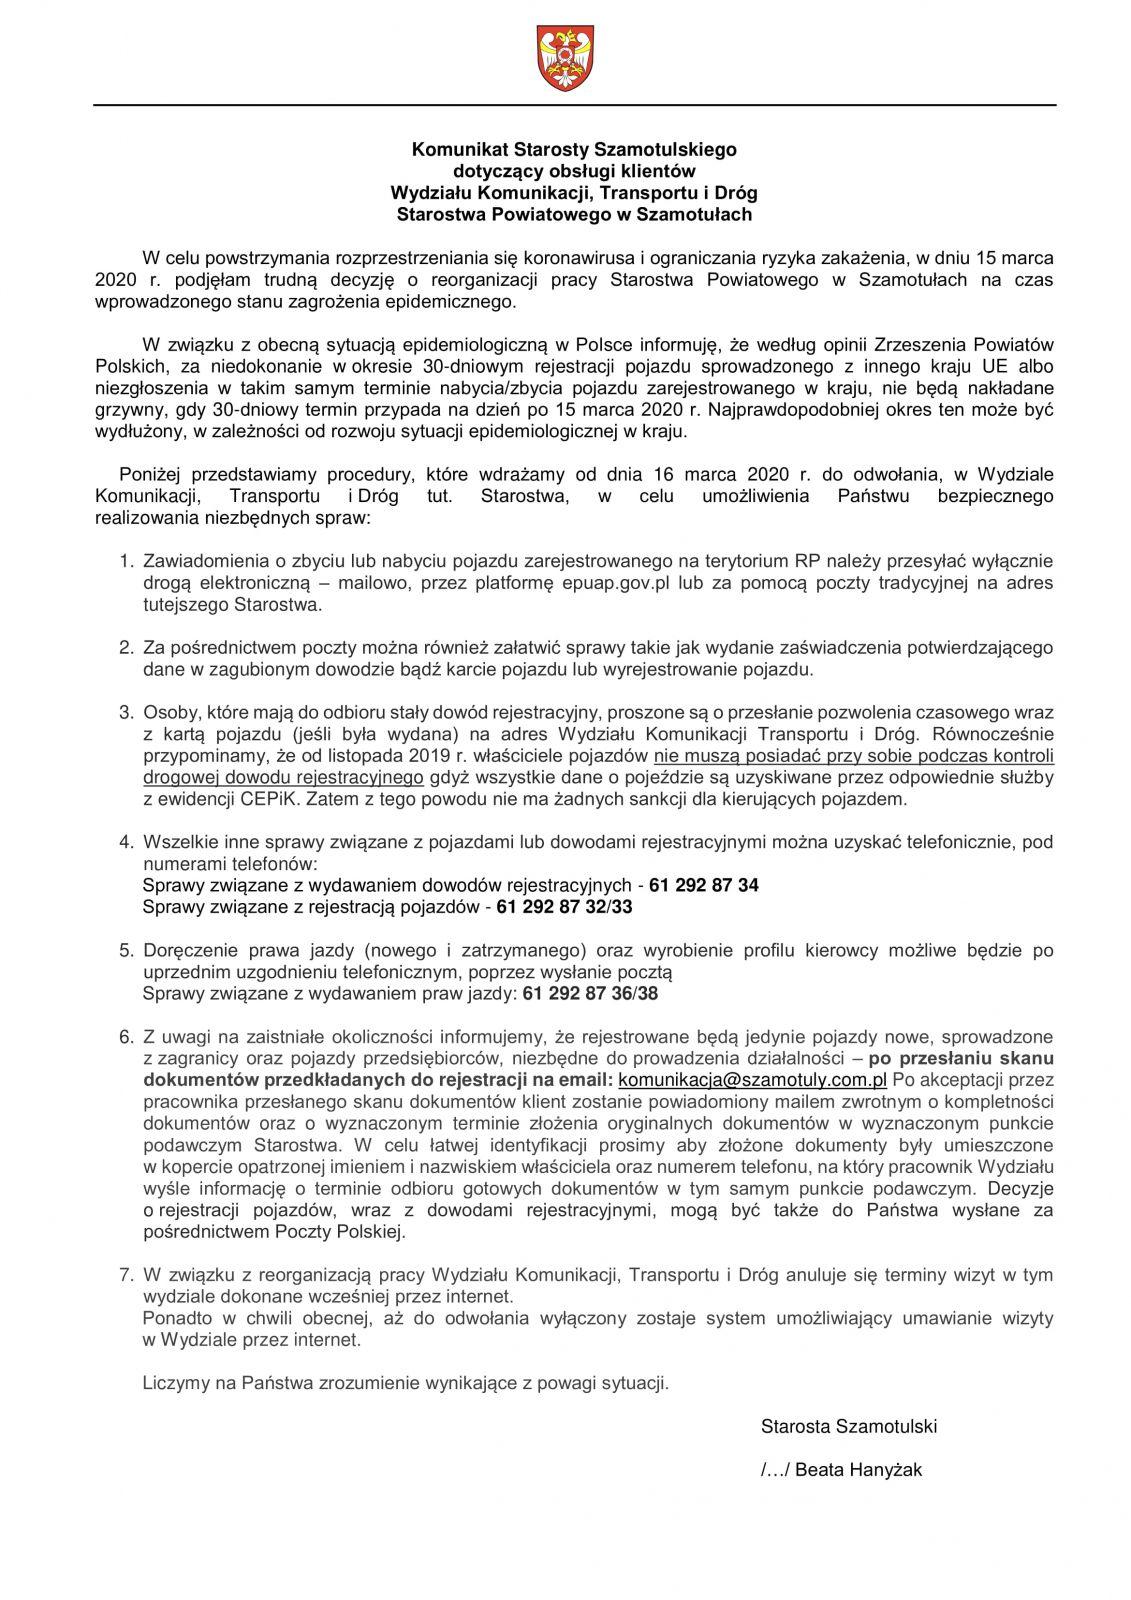 Komunikat Starosty Szamotulskiegoz dn.15.03.2020